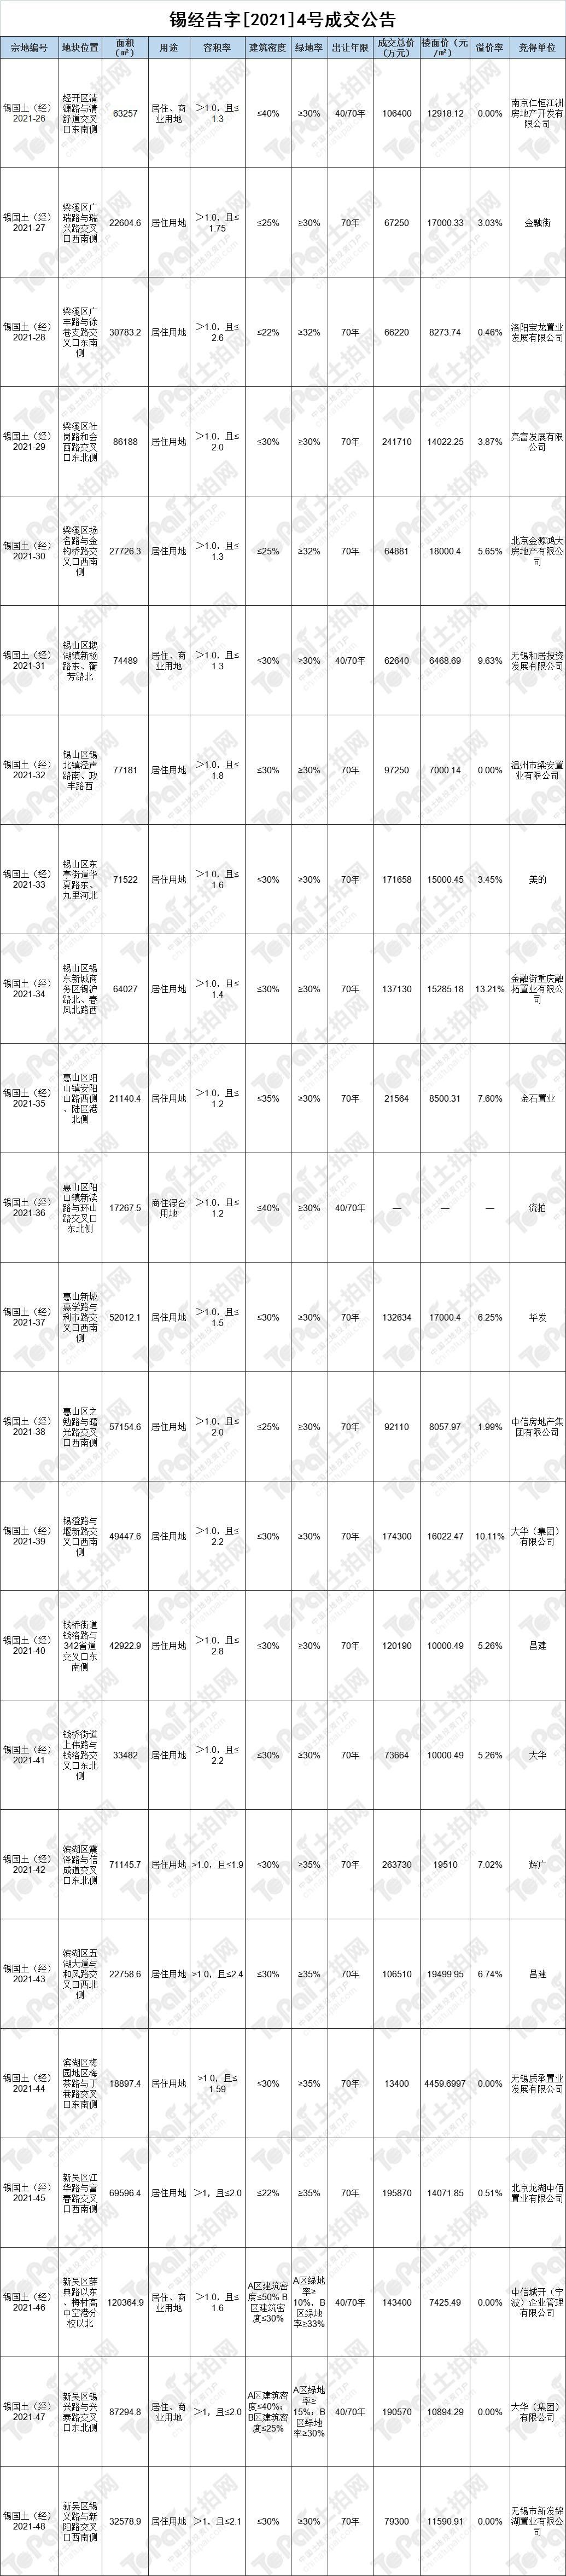 3948df8fff94c6b6d1d404afbb9dab10.jpg